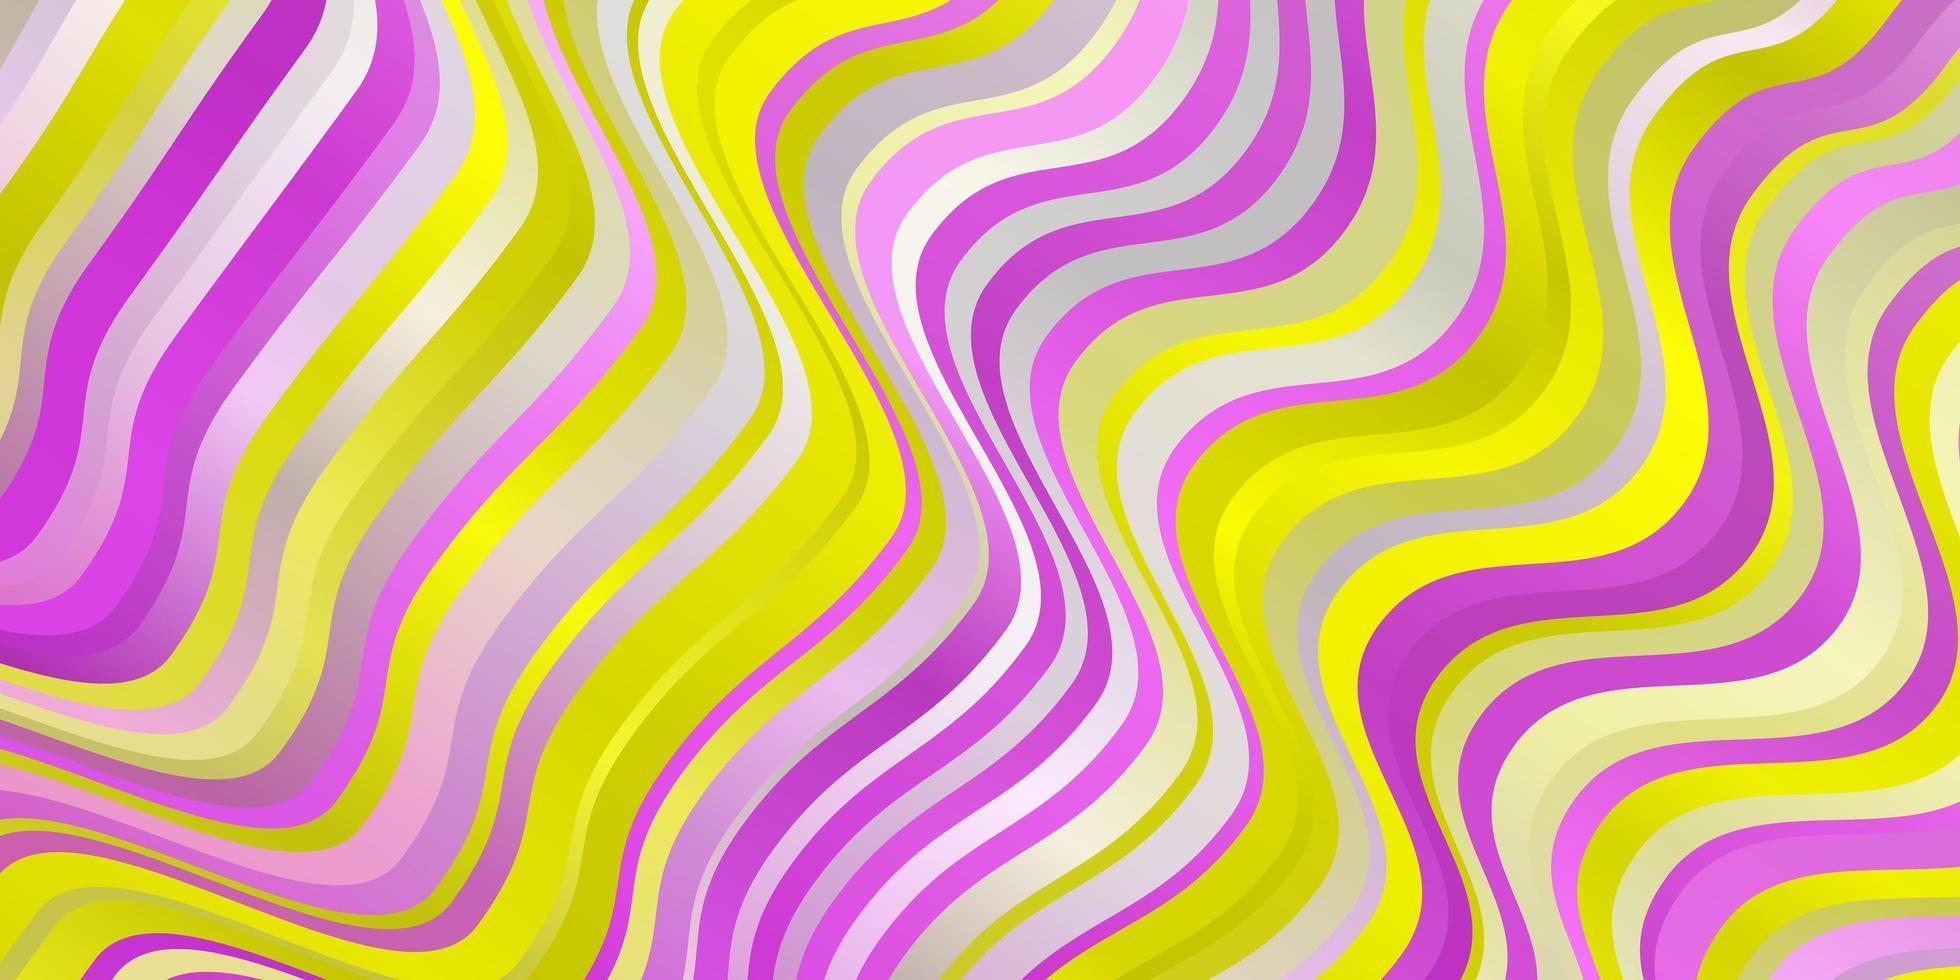 padrão de vetor rosa claro, amarelo com curvas.